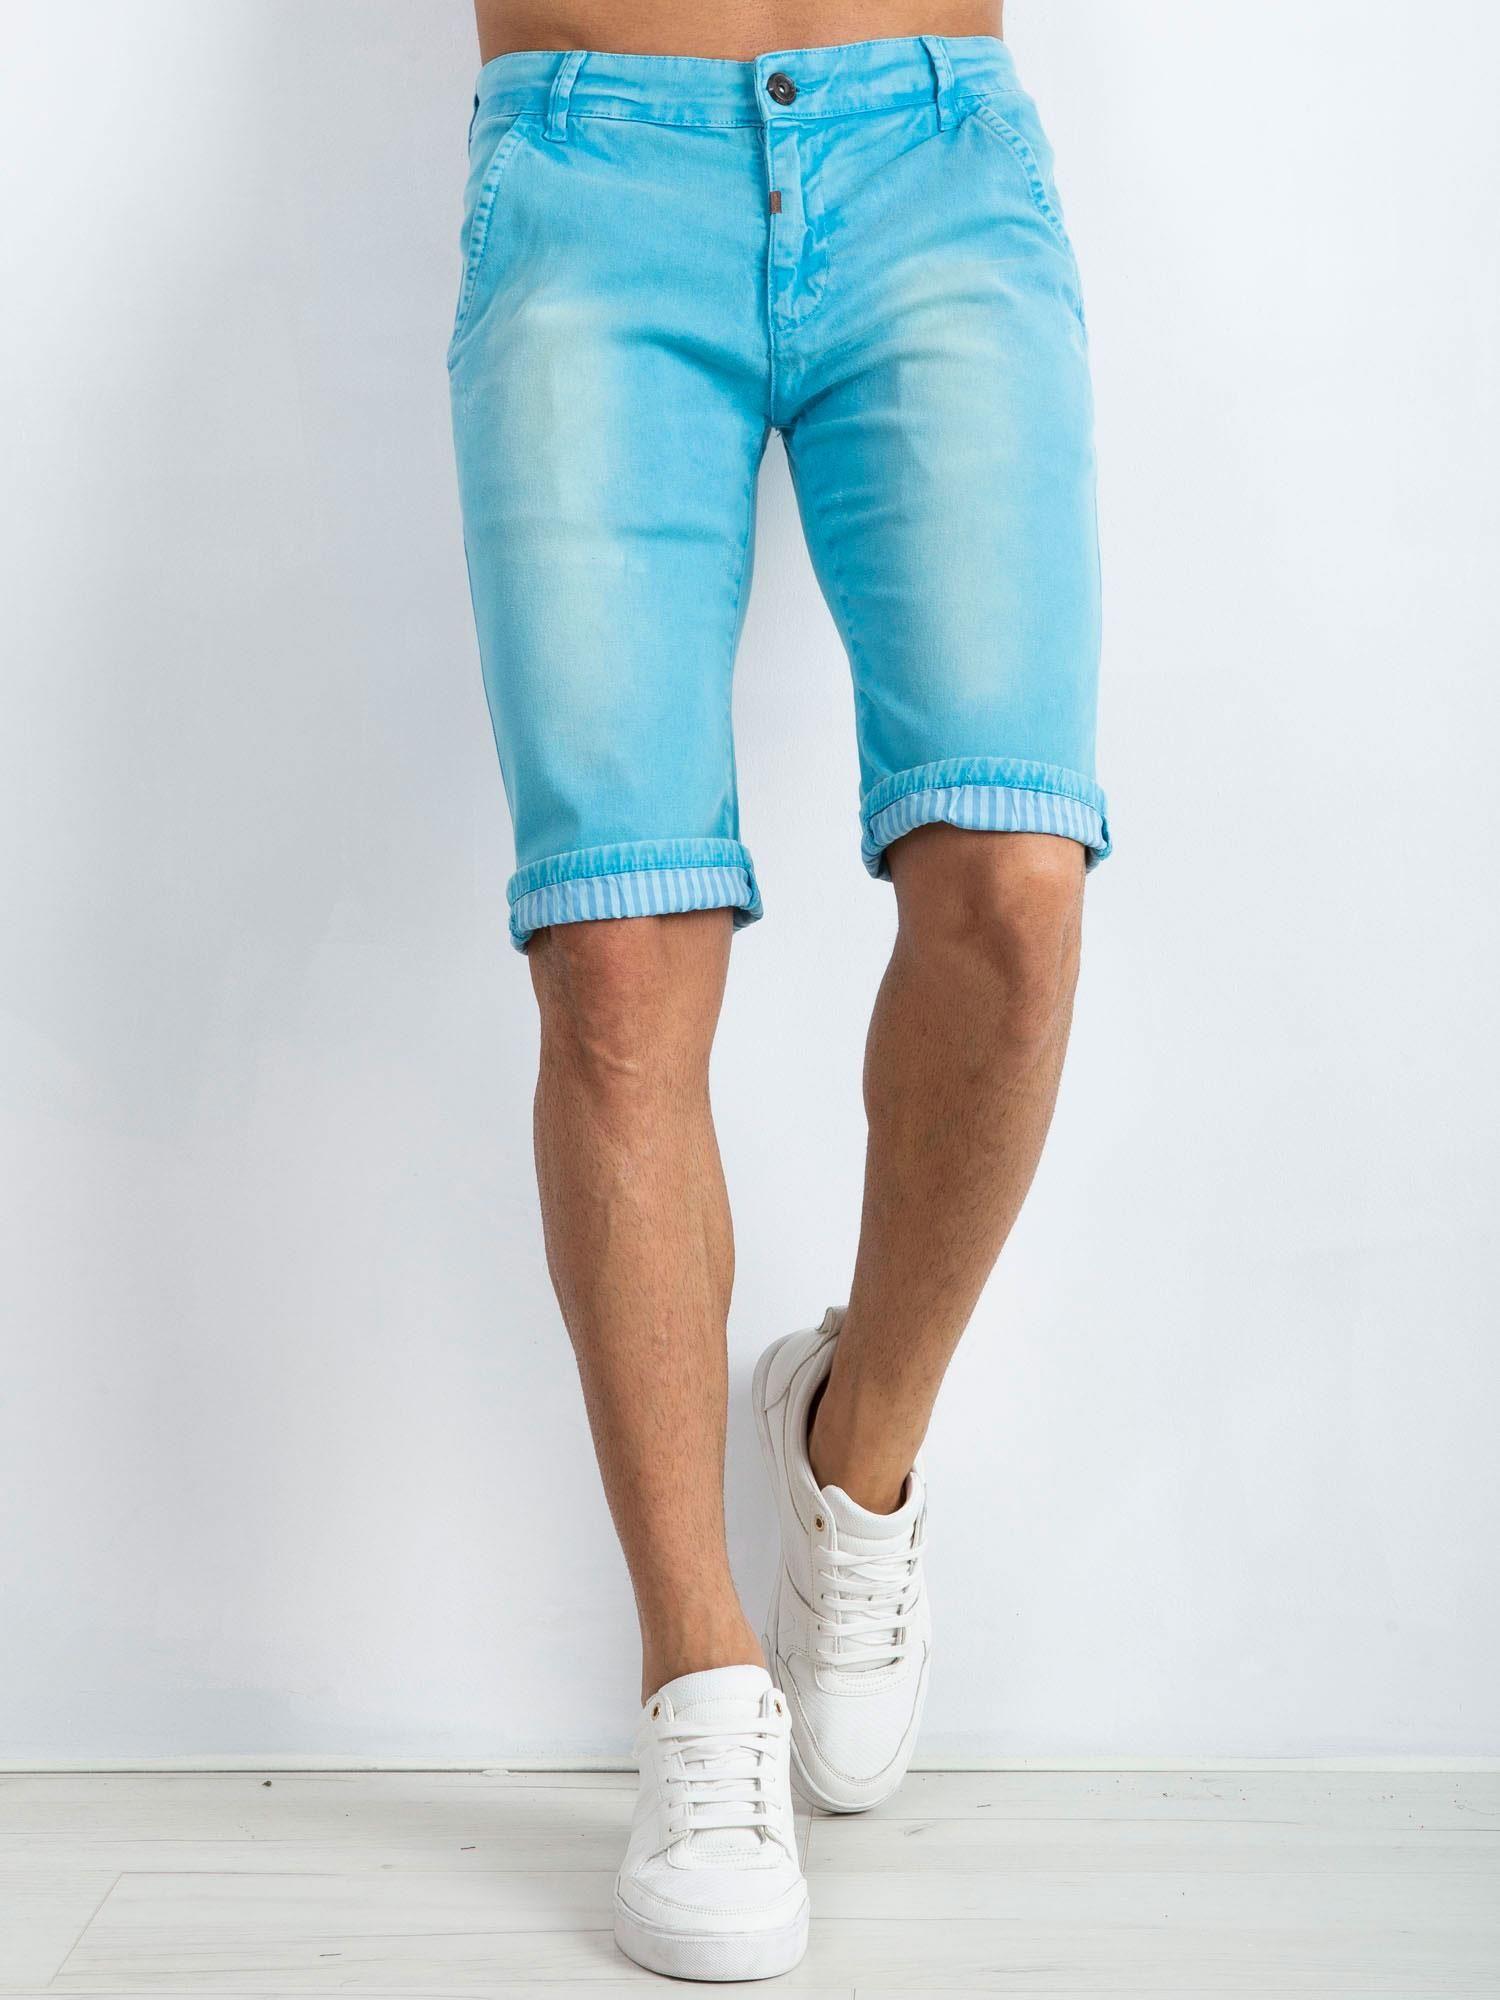 3f806e46 Niebieskie spodenki męskie Austin - Mężczyźni Spodenki męskie ...